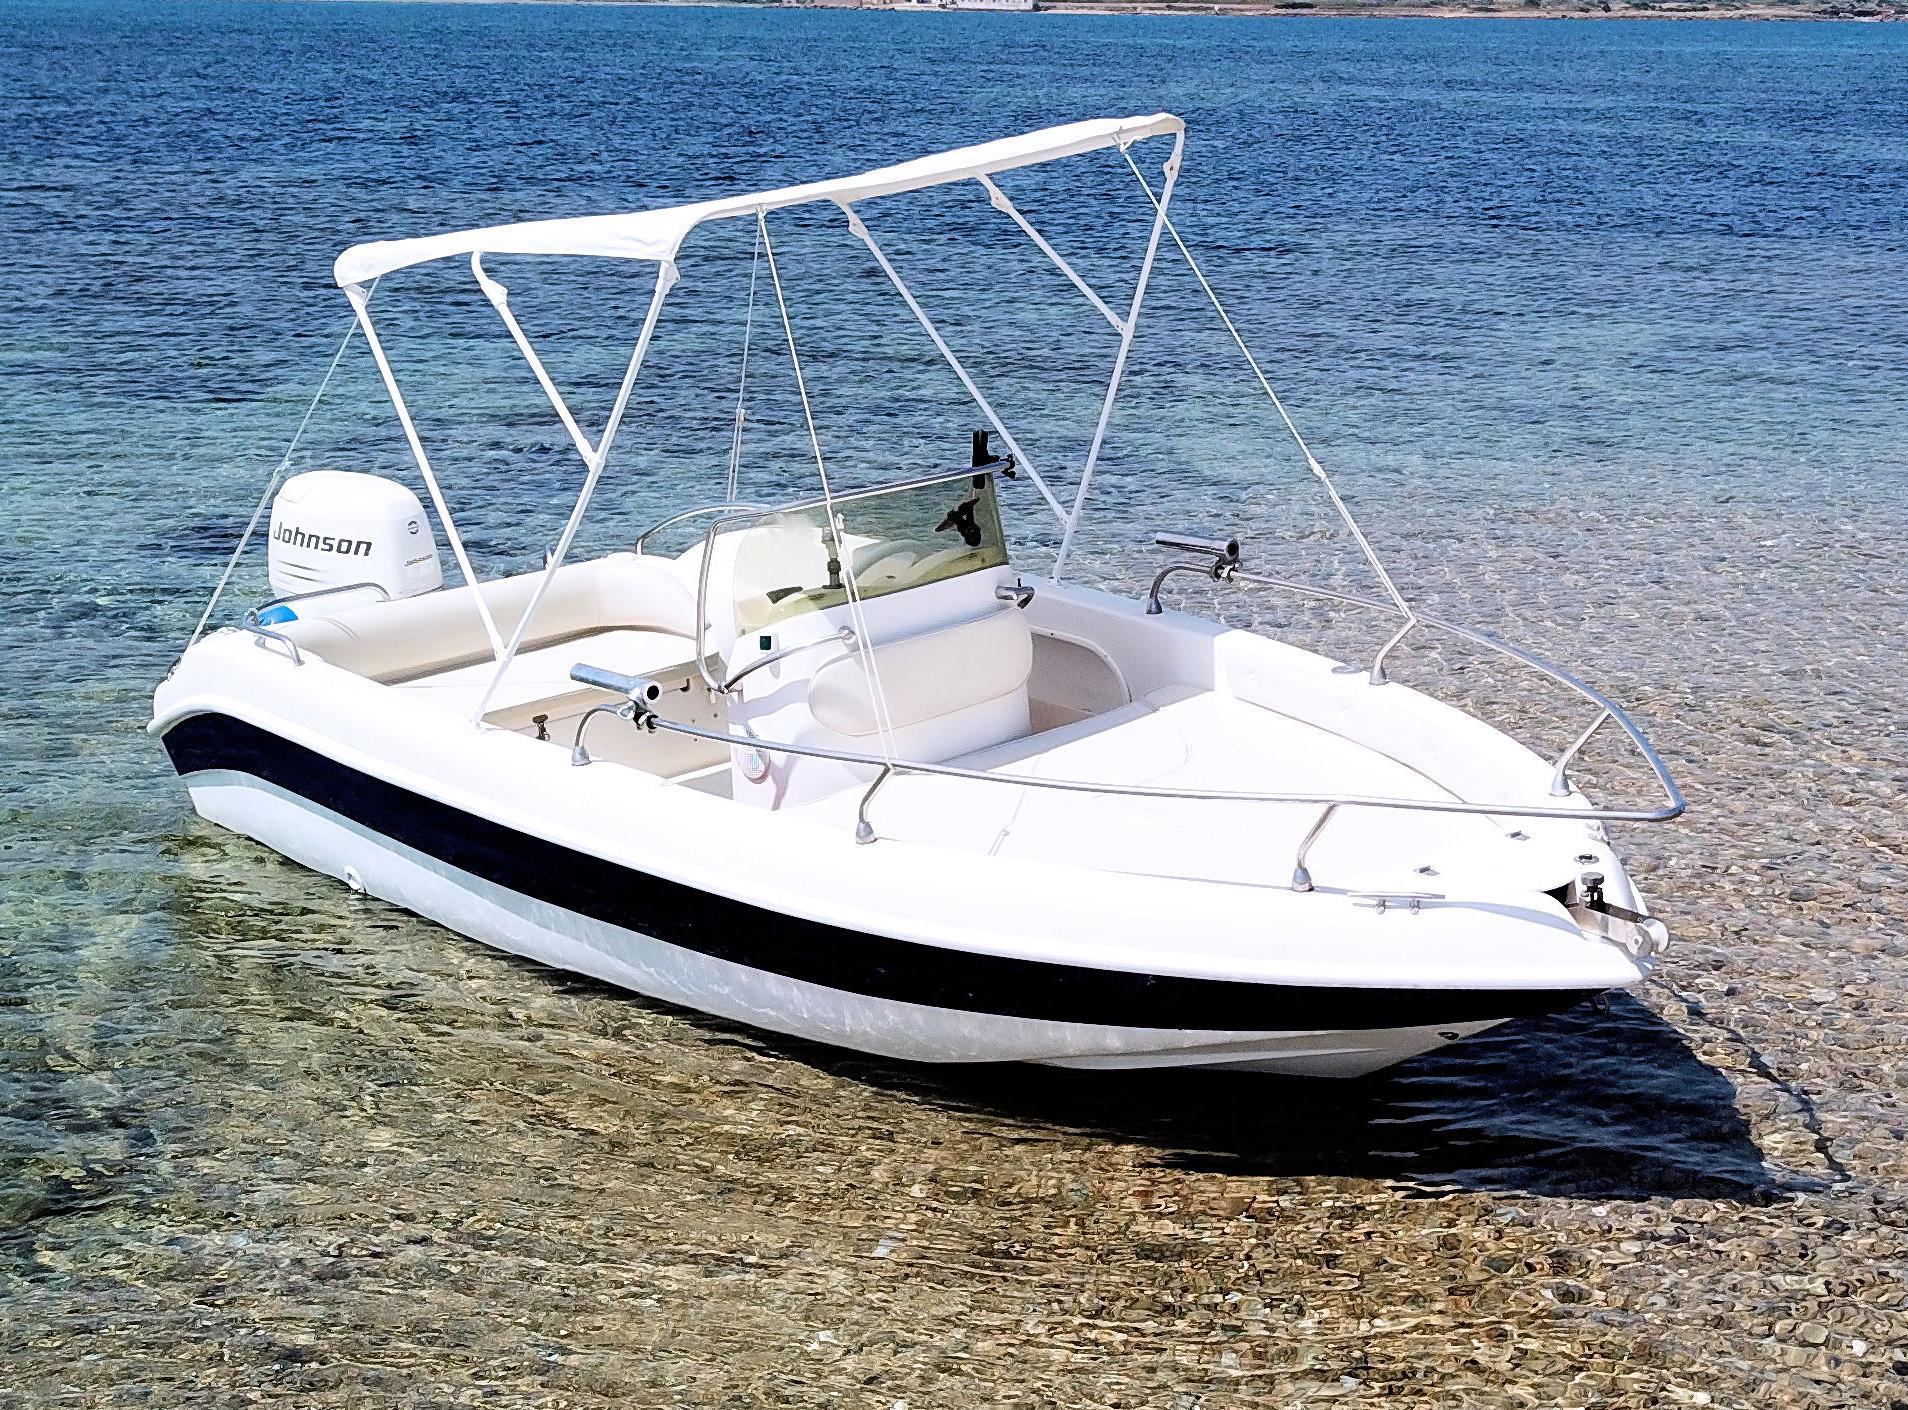 Sicily Boats - Barca Cetty - T.A.Mare Jaguard 520